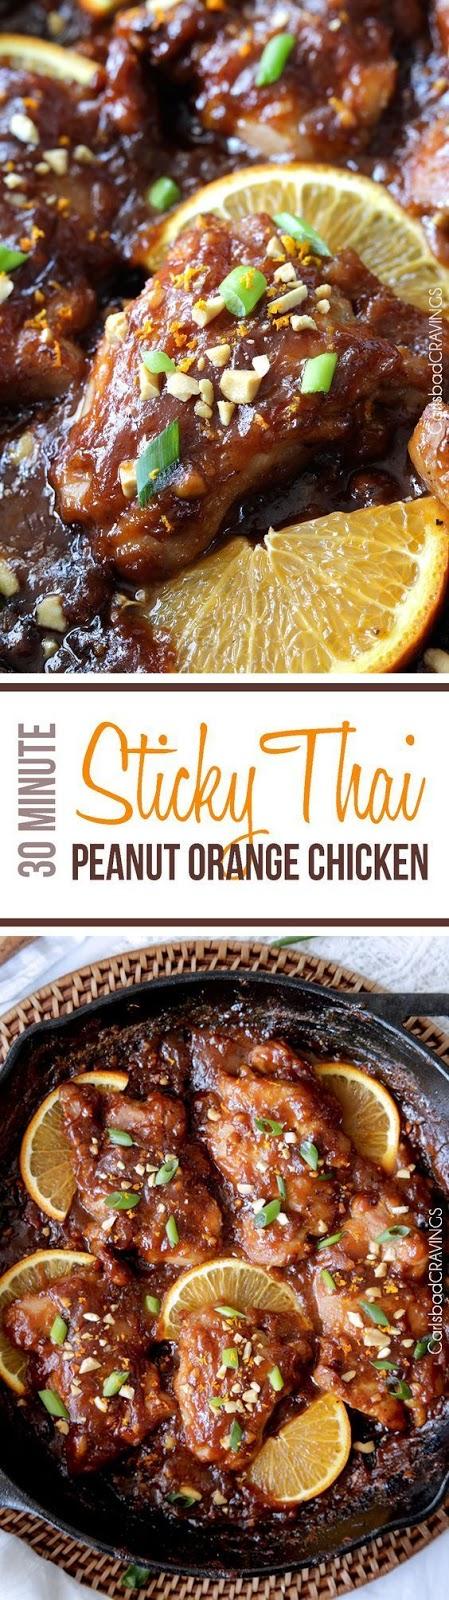 STICKY THAI PEANUT ORANGE CHICKEN (30 MINUTES)